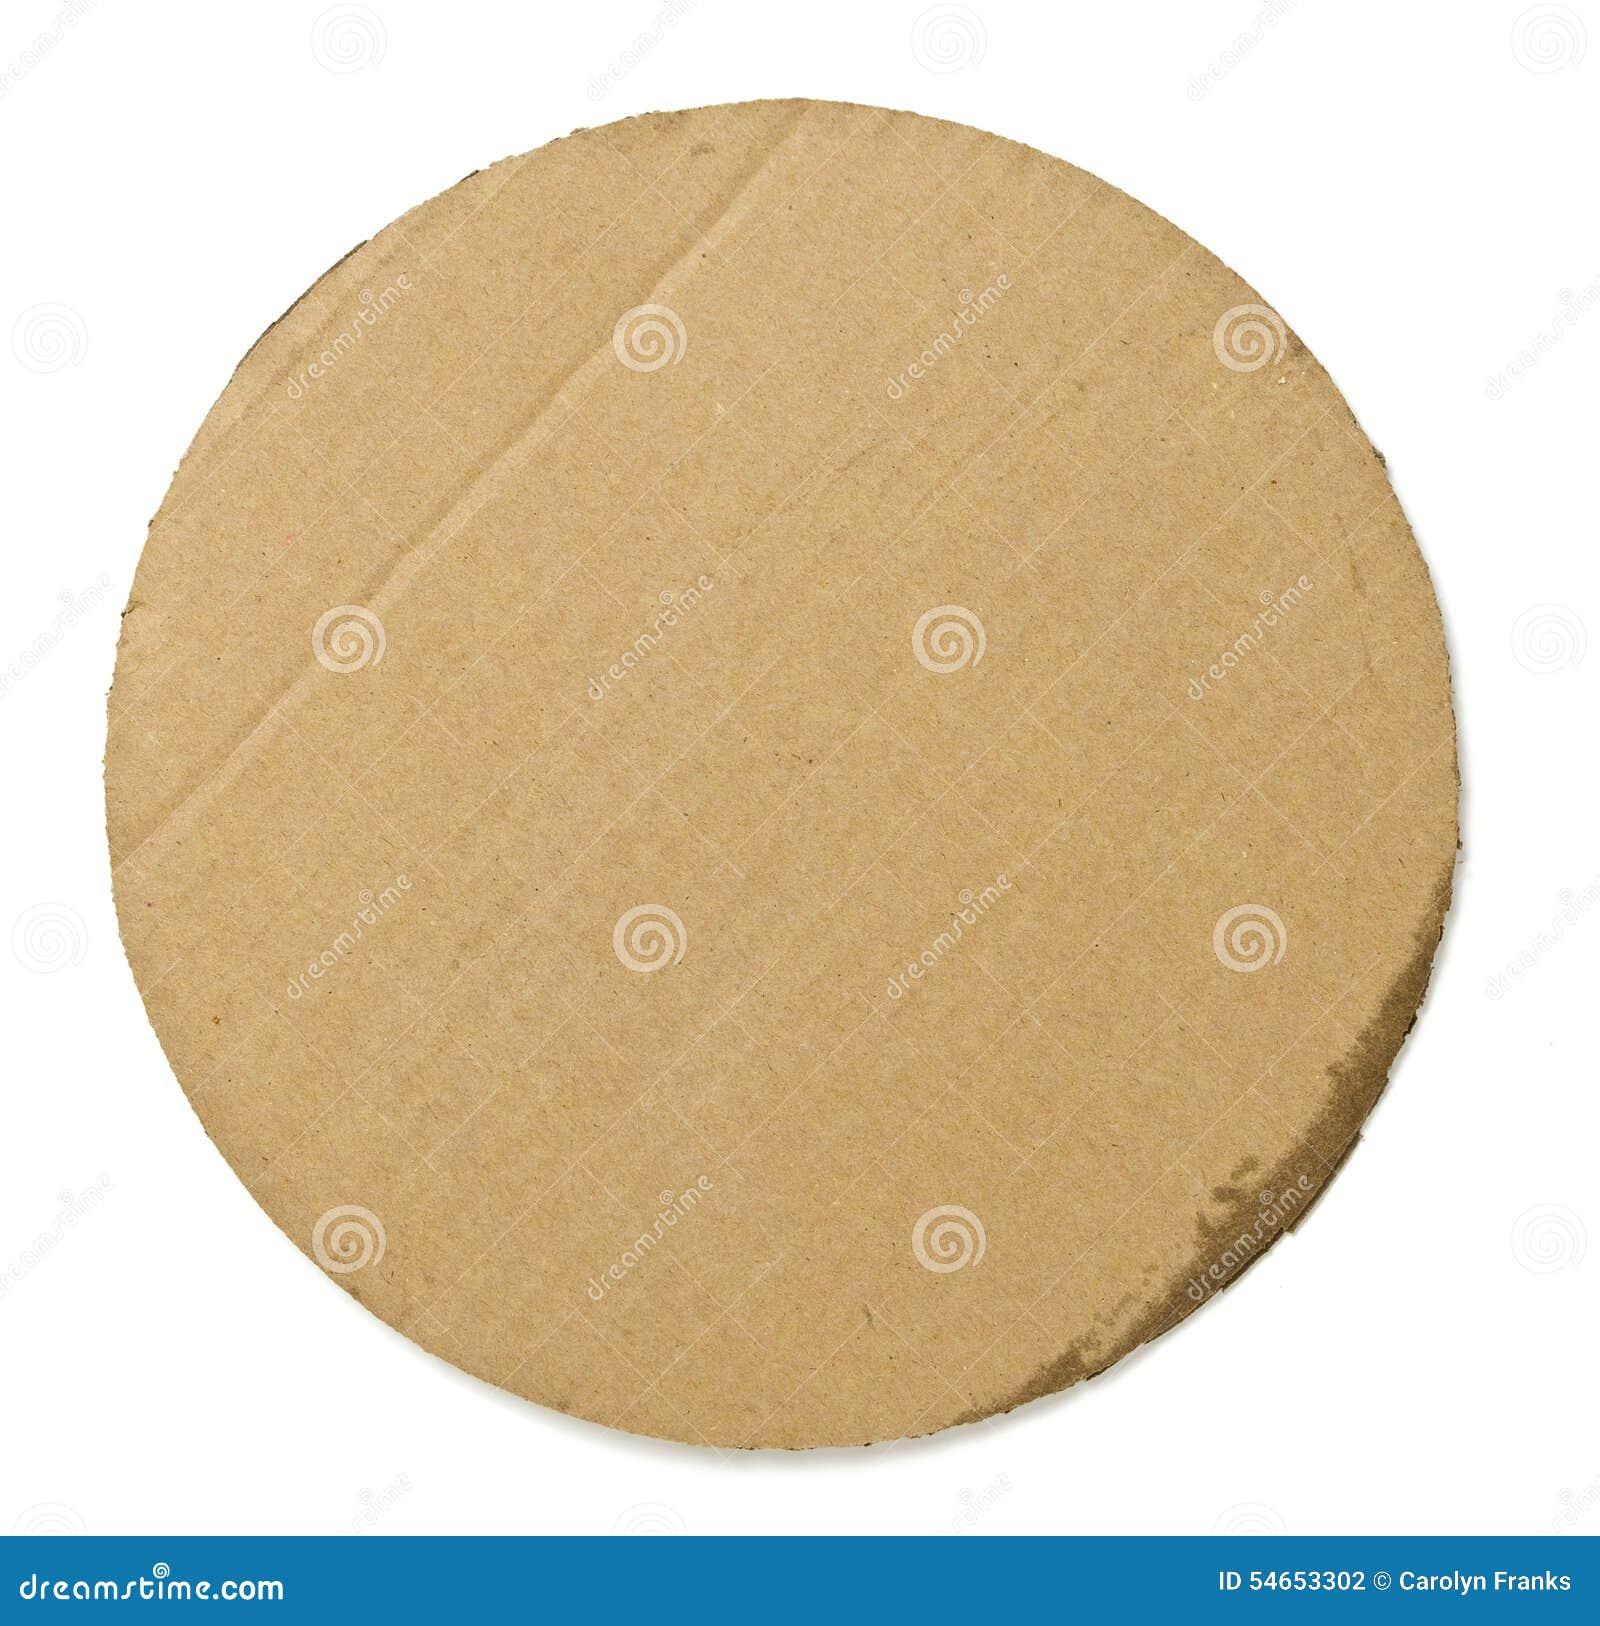 ... fondo rotondo del cartone usato per portare pizza su un fondo bianco